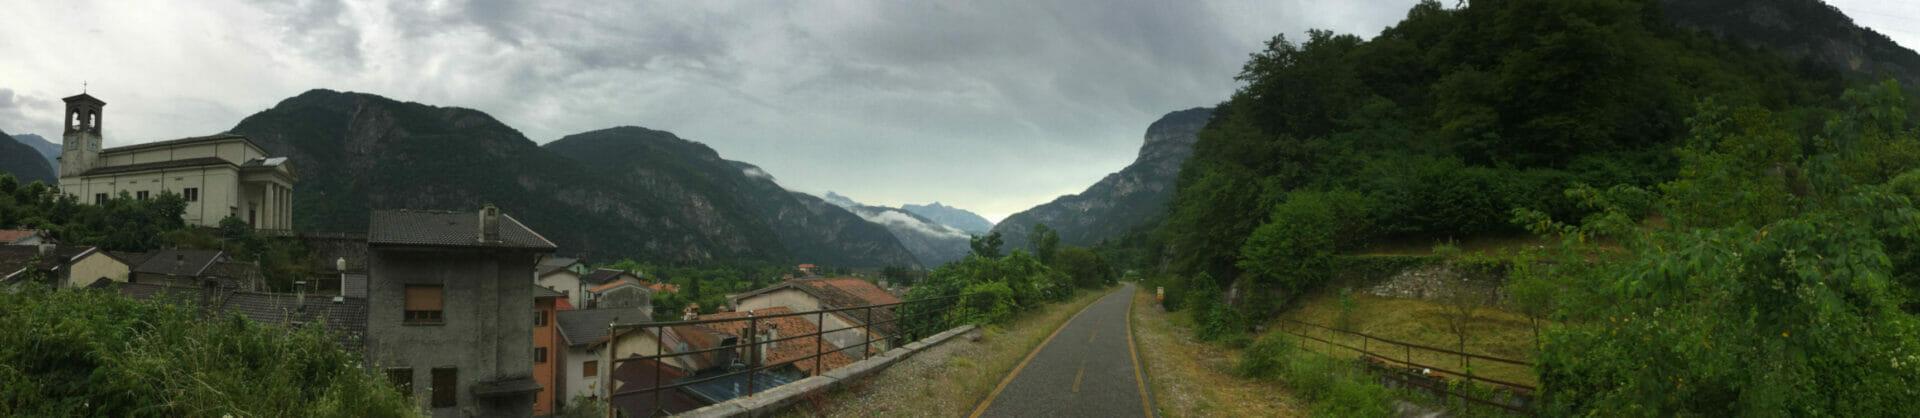 Chiusaforte - Alpenpanorama - Alpe-Adria-Radweg